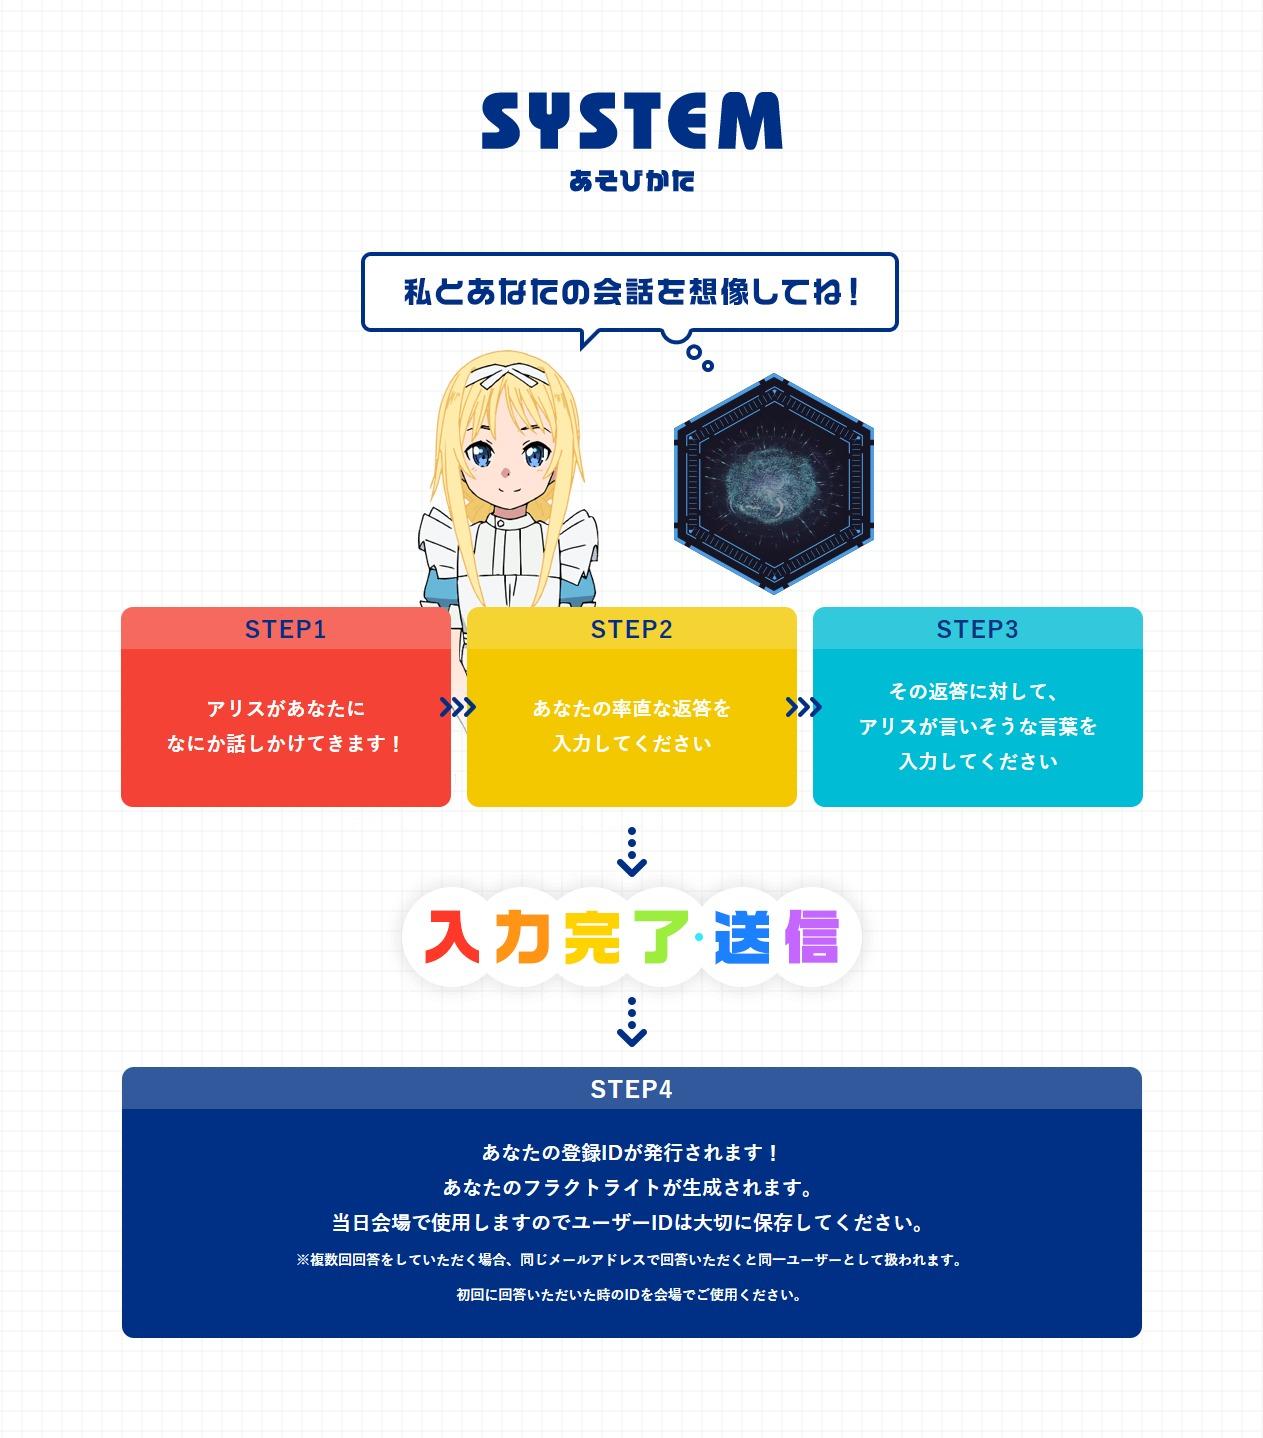 AI対話実験企画『比嘉くんのつくろうAI!育てよう性格!』システム (C)2017 川原礫/KADOKAWAアスキー・メディアワークス/SAO-A Project